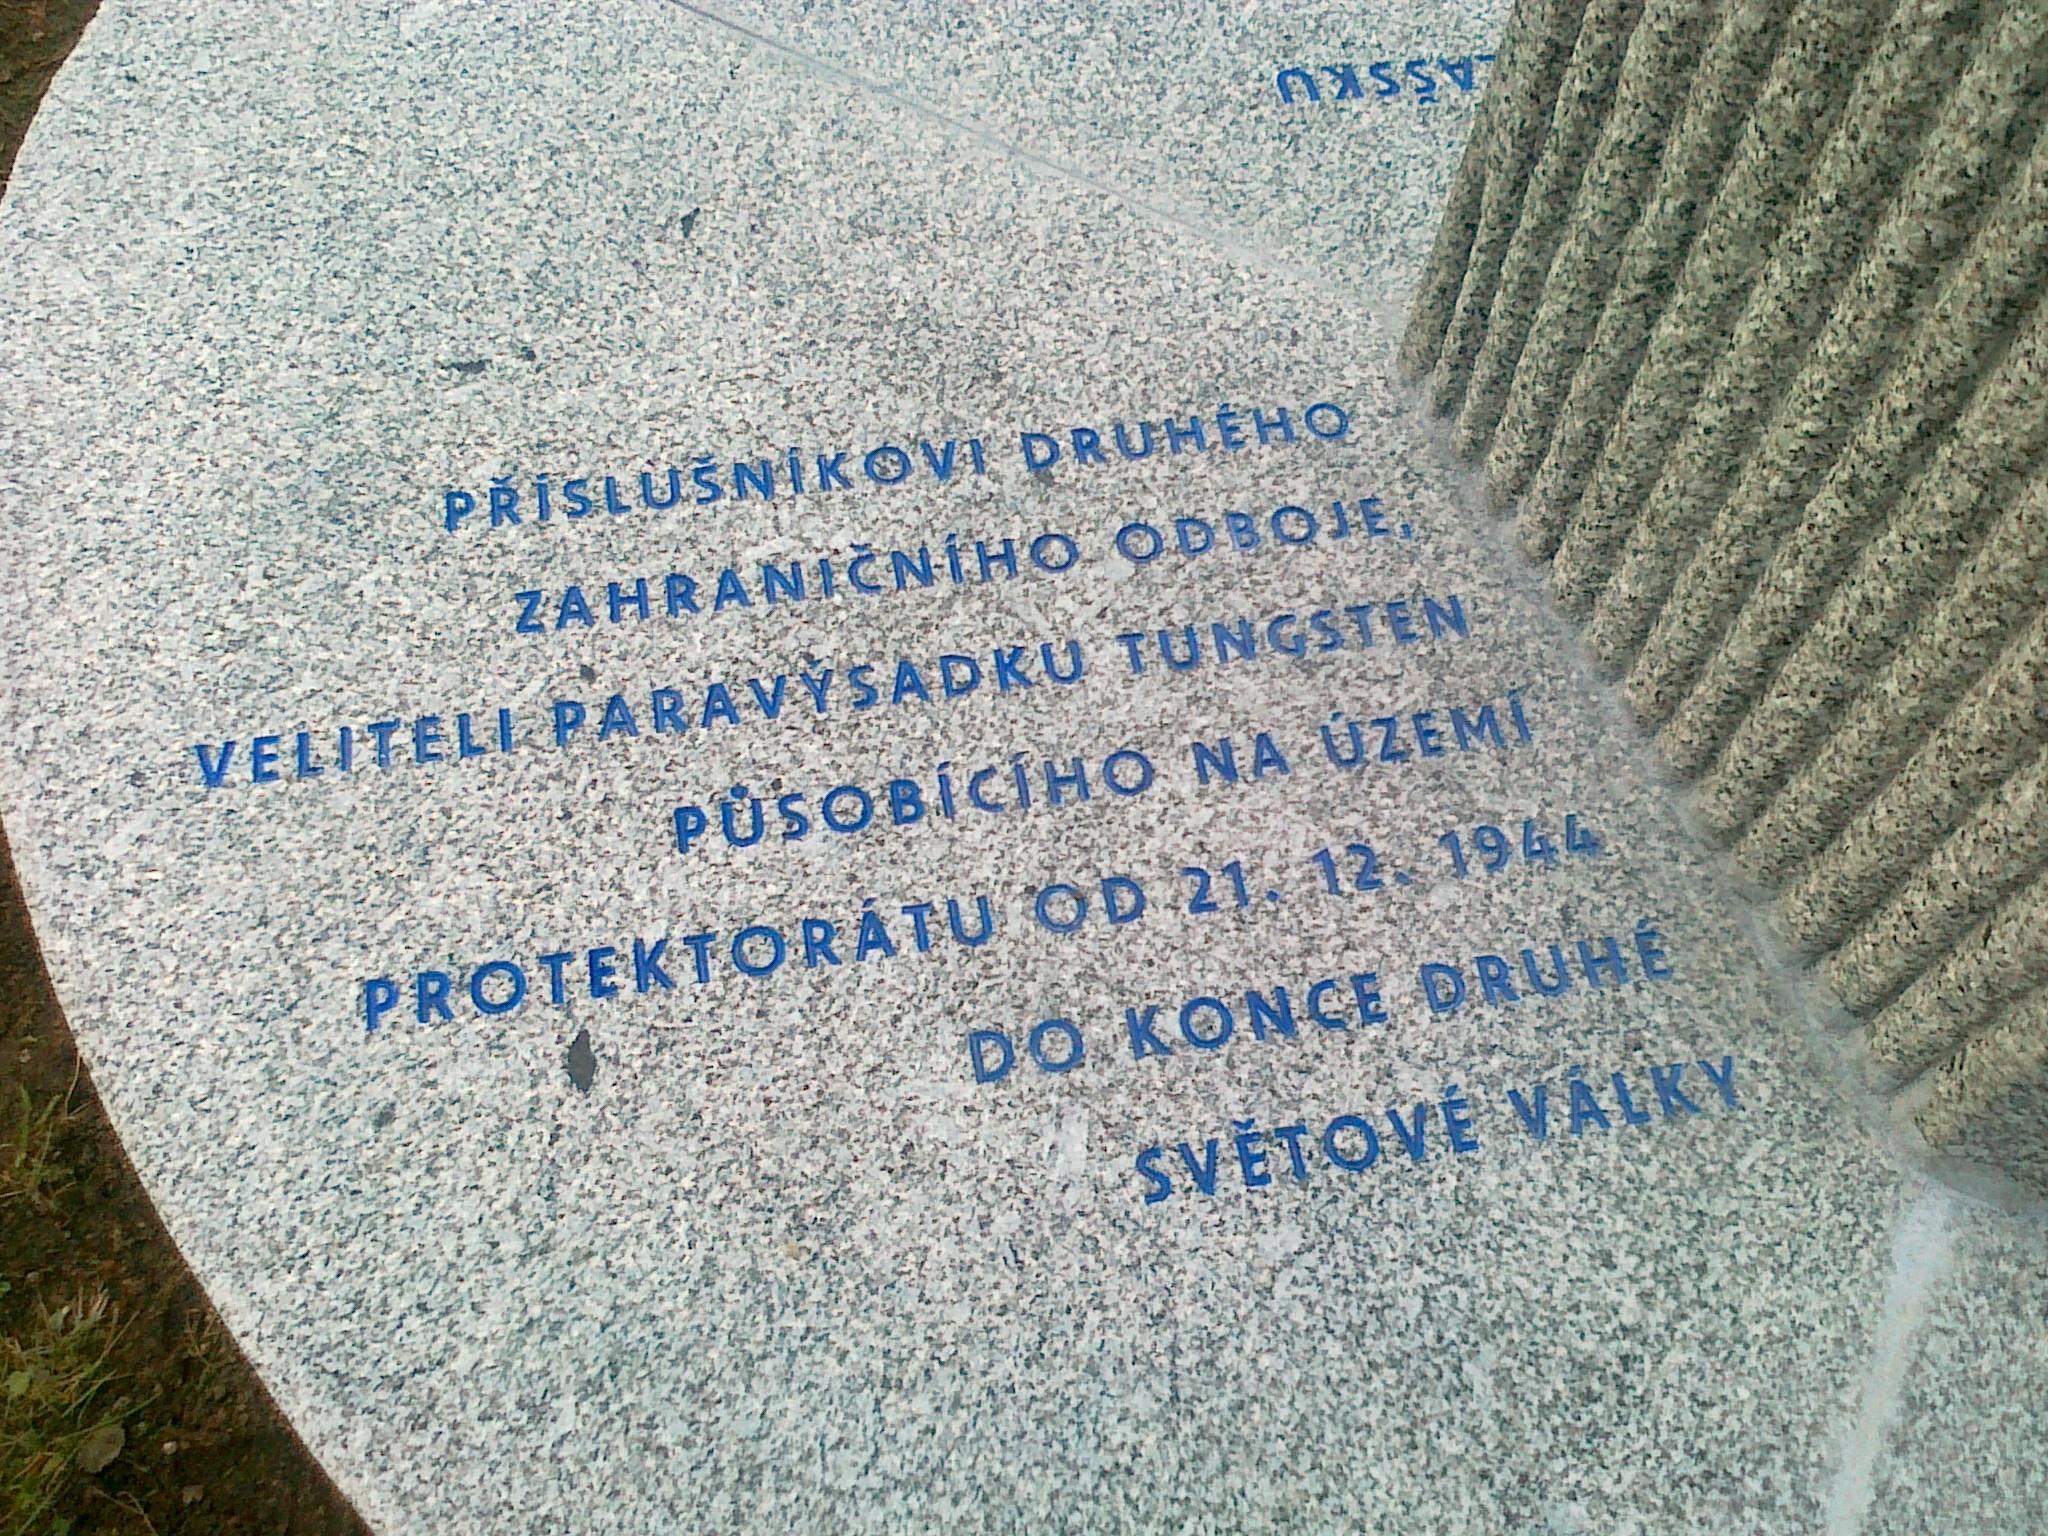 pomník Pernickému - 05